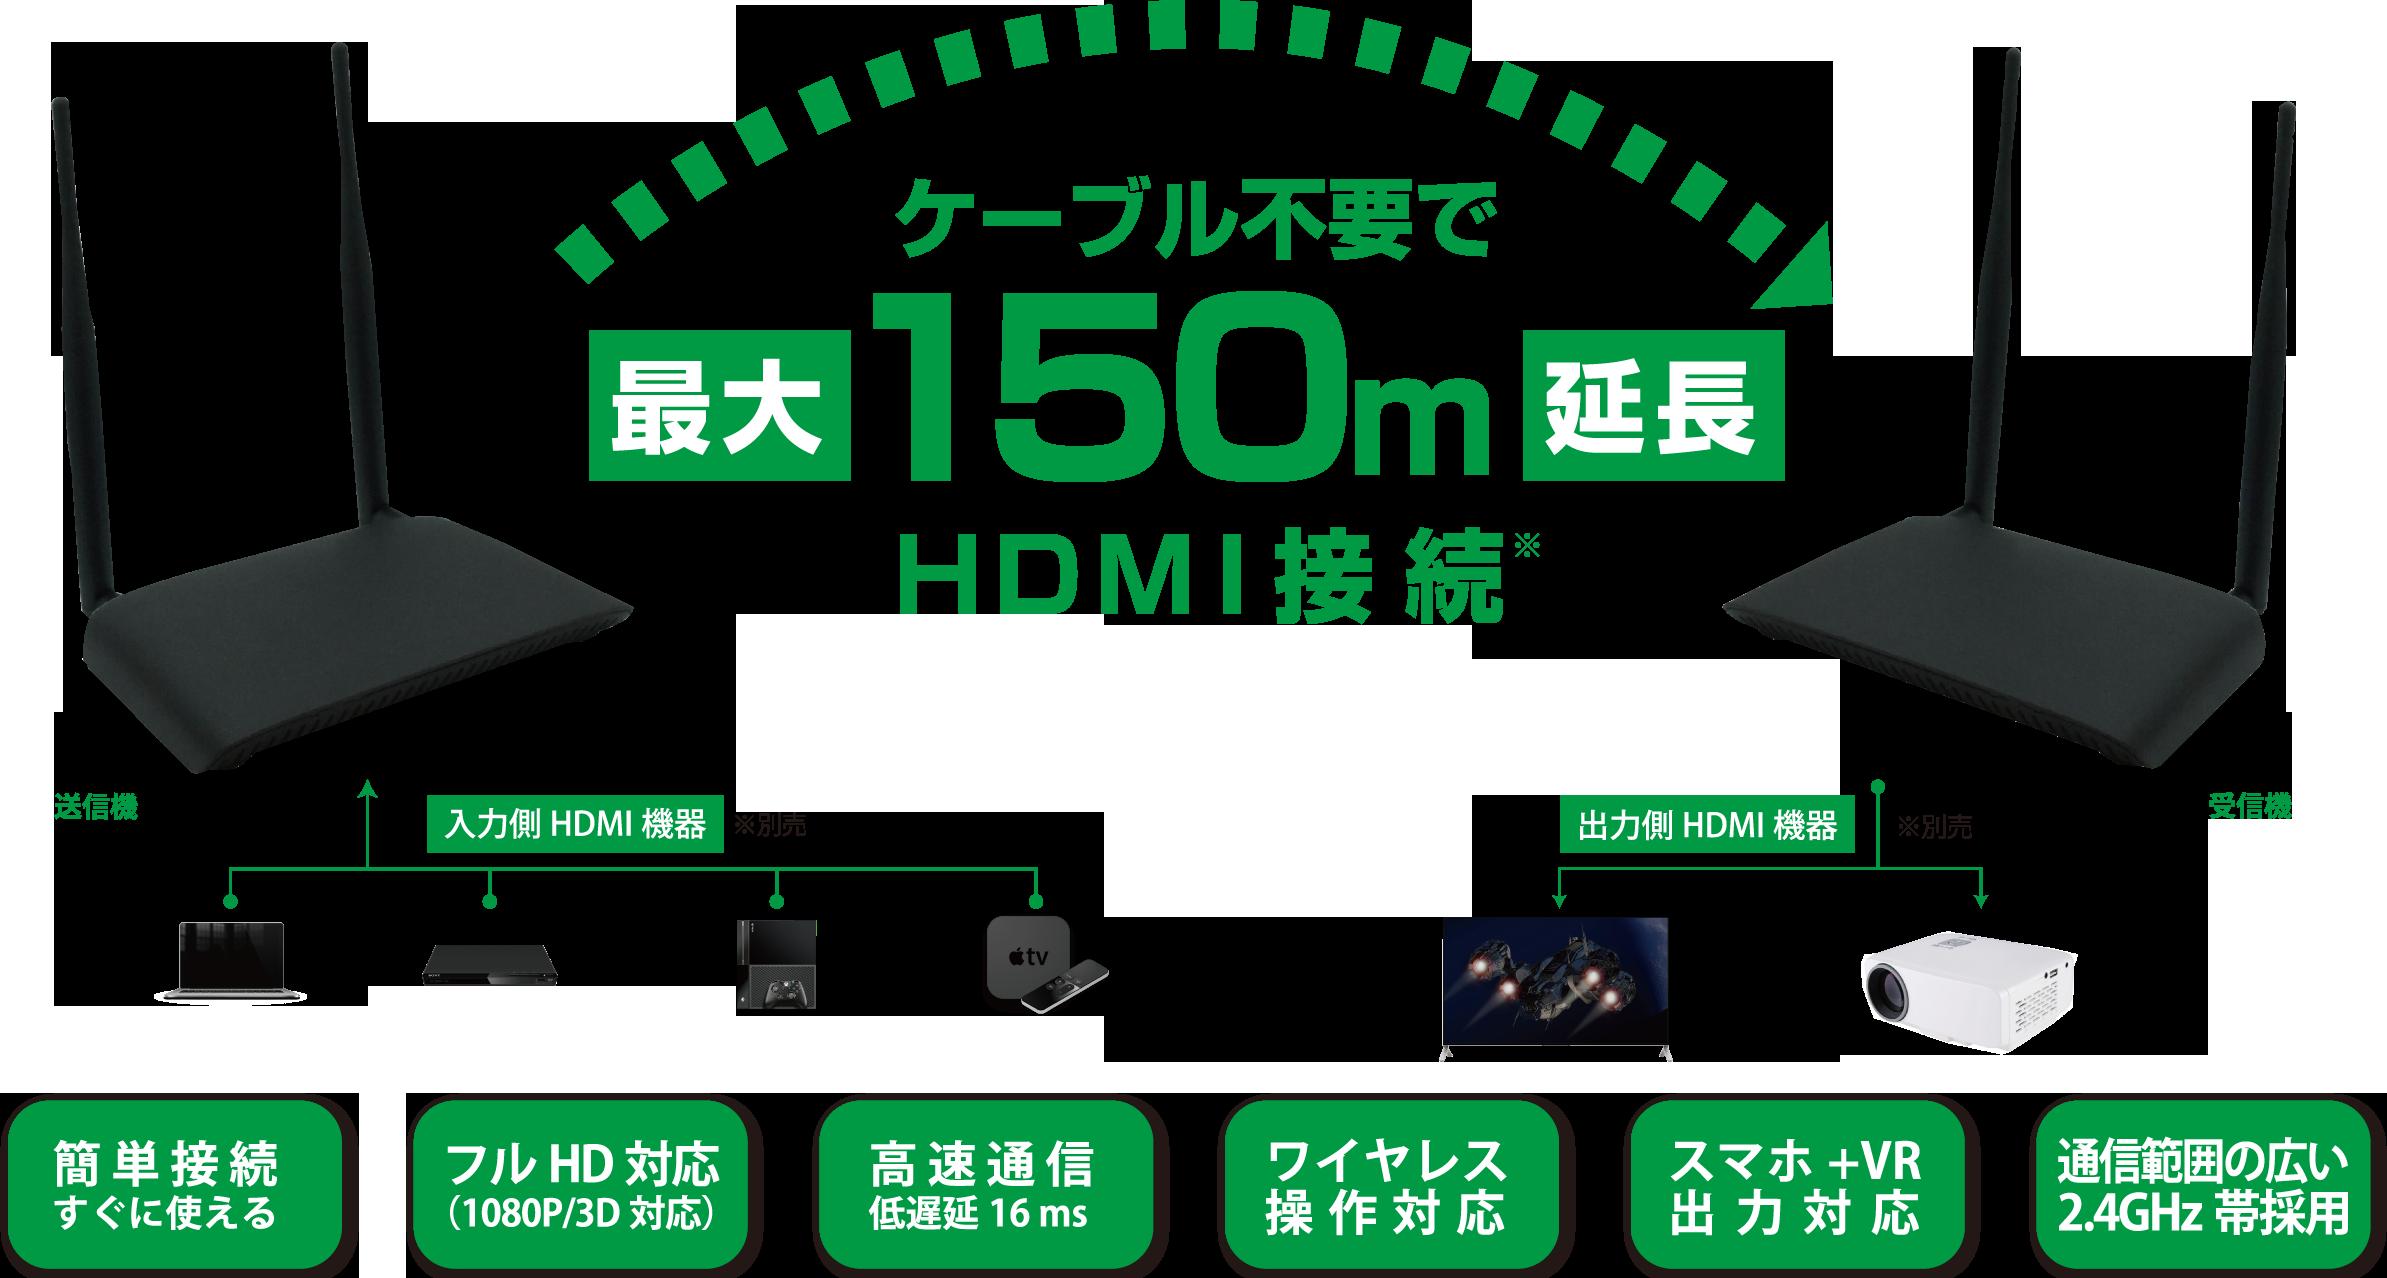 ワイヤレスHDMI延長機画像